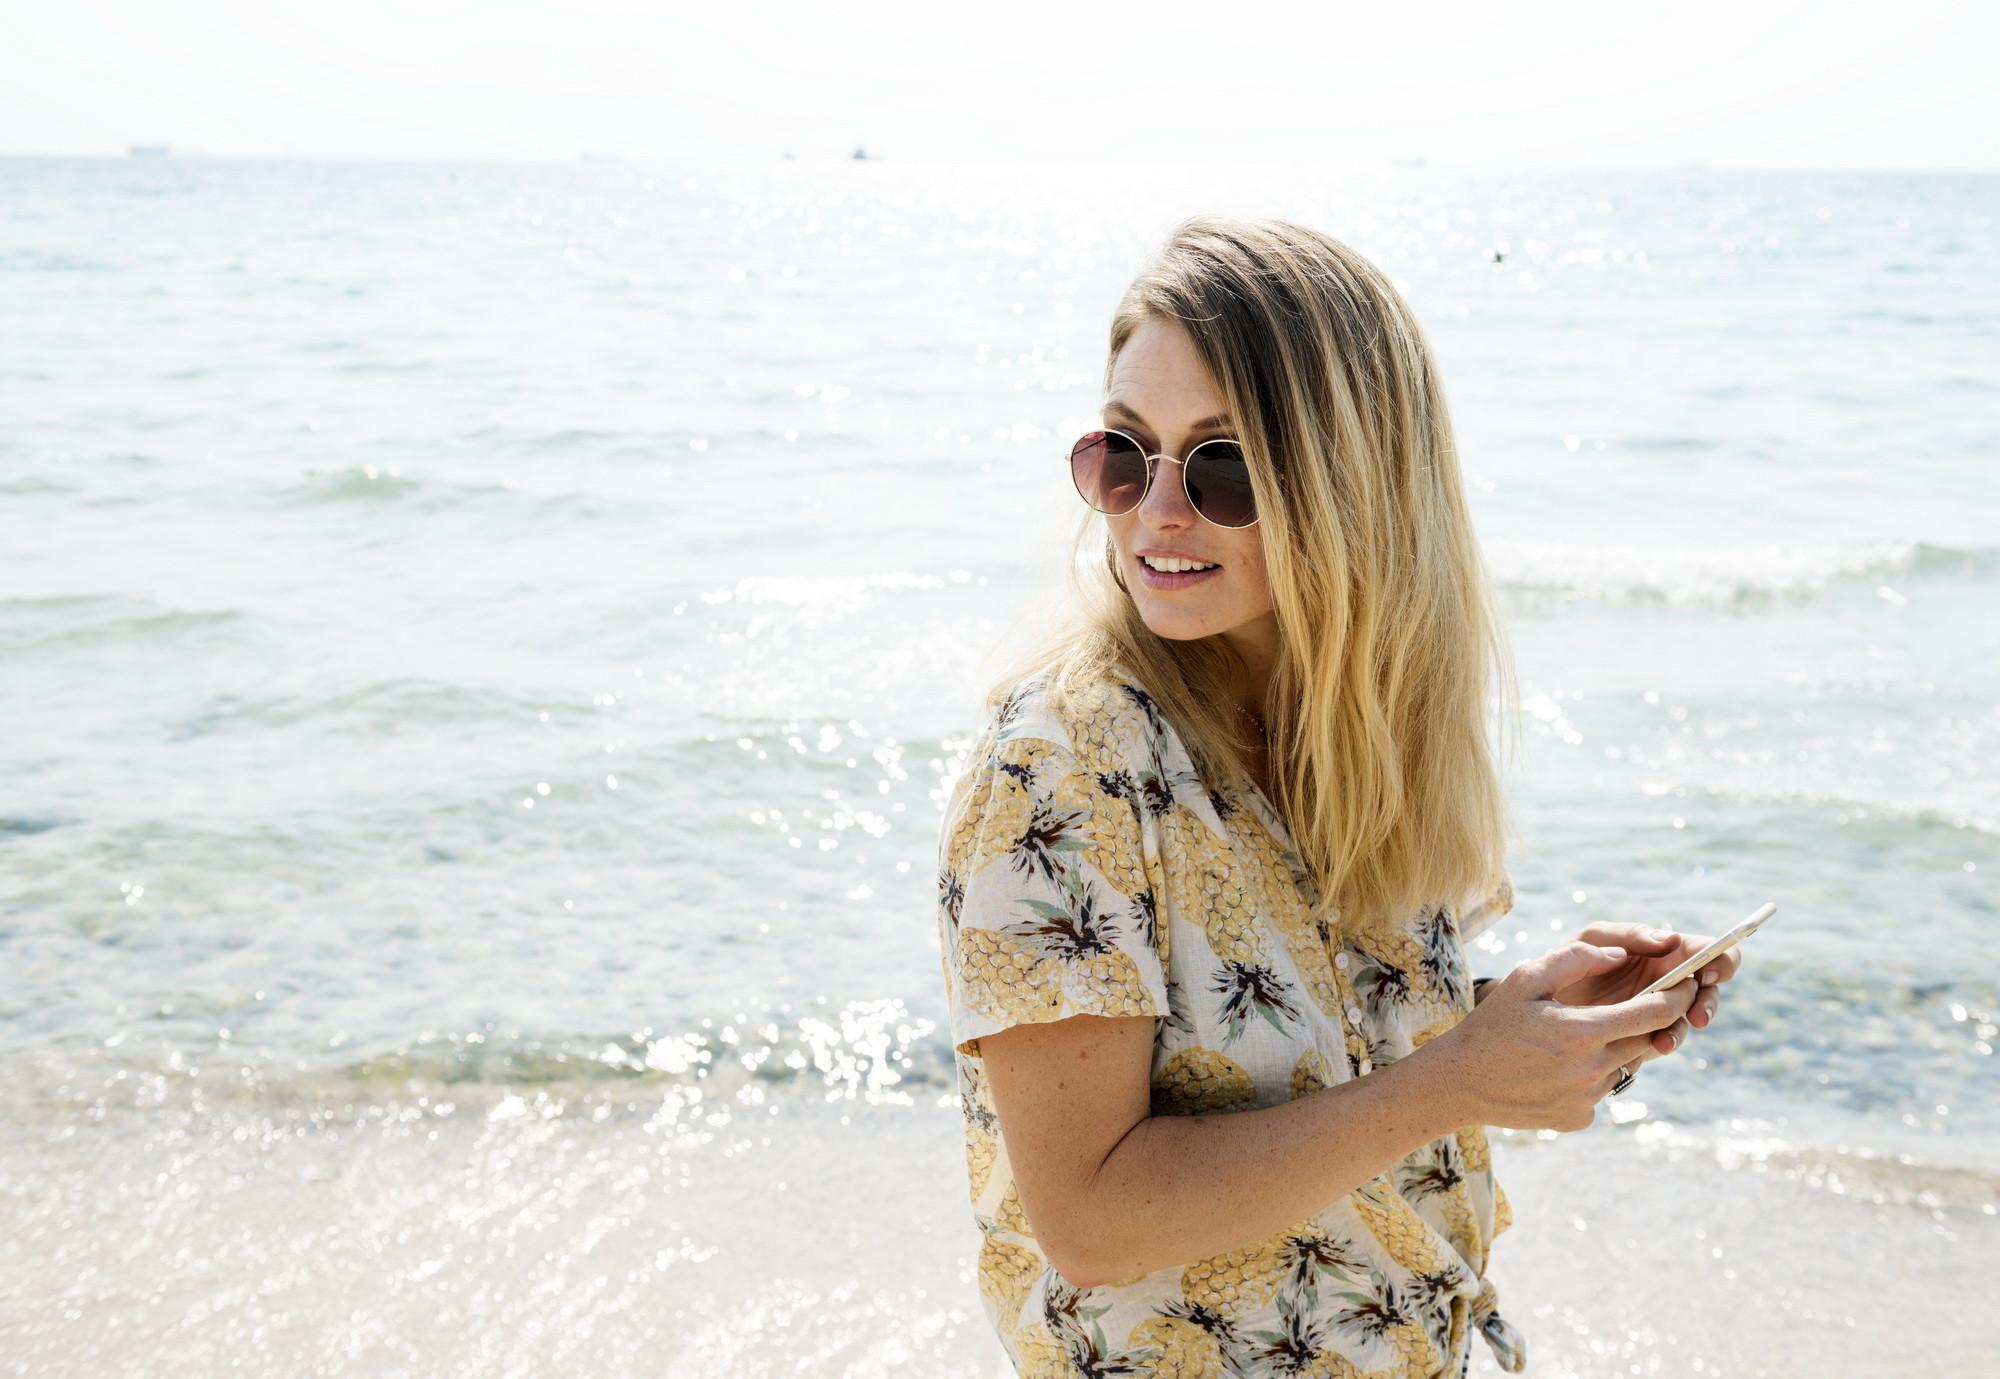 Cómo ver la pantalla de tu móvil al máximo de calidad en un día soleado